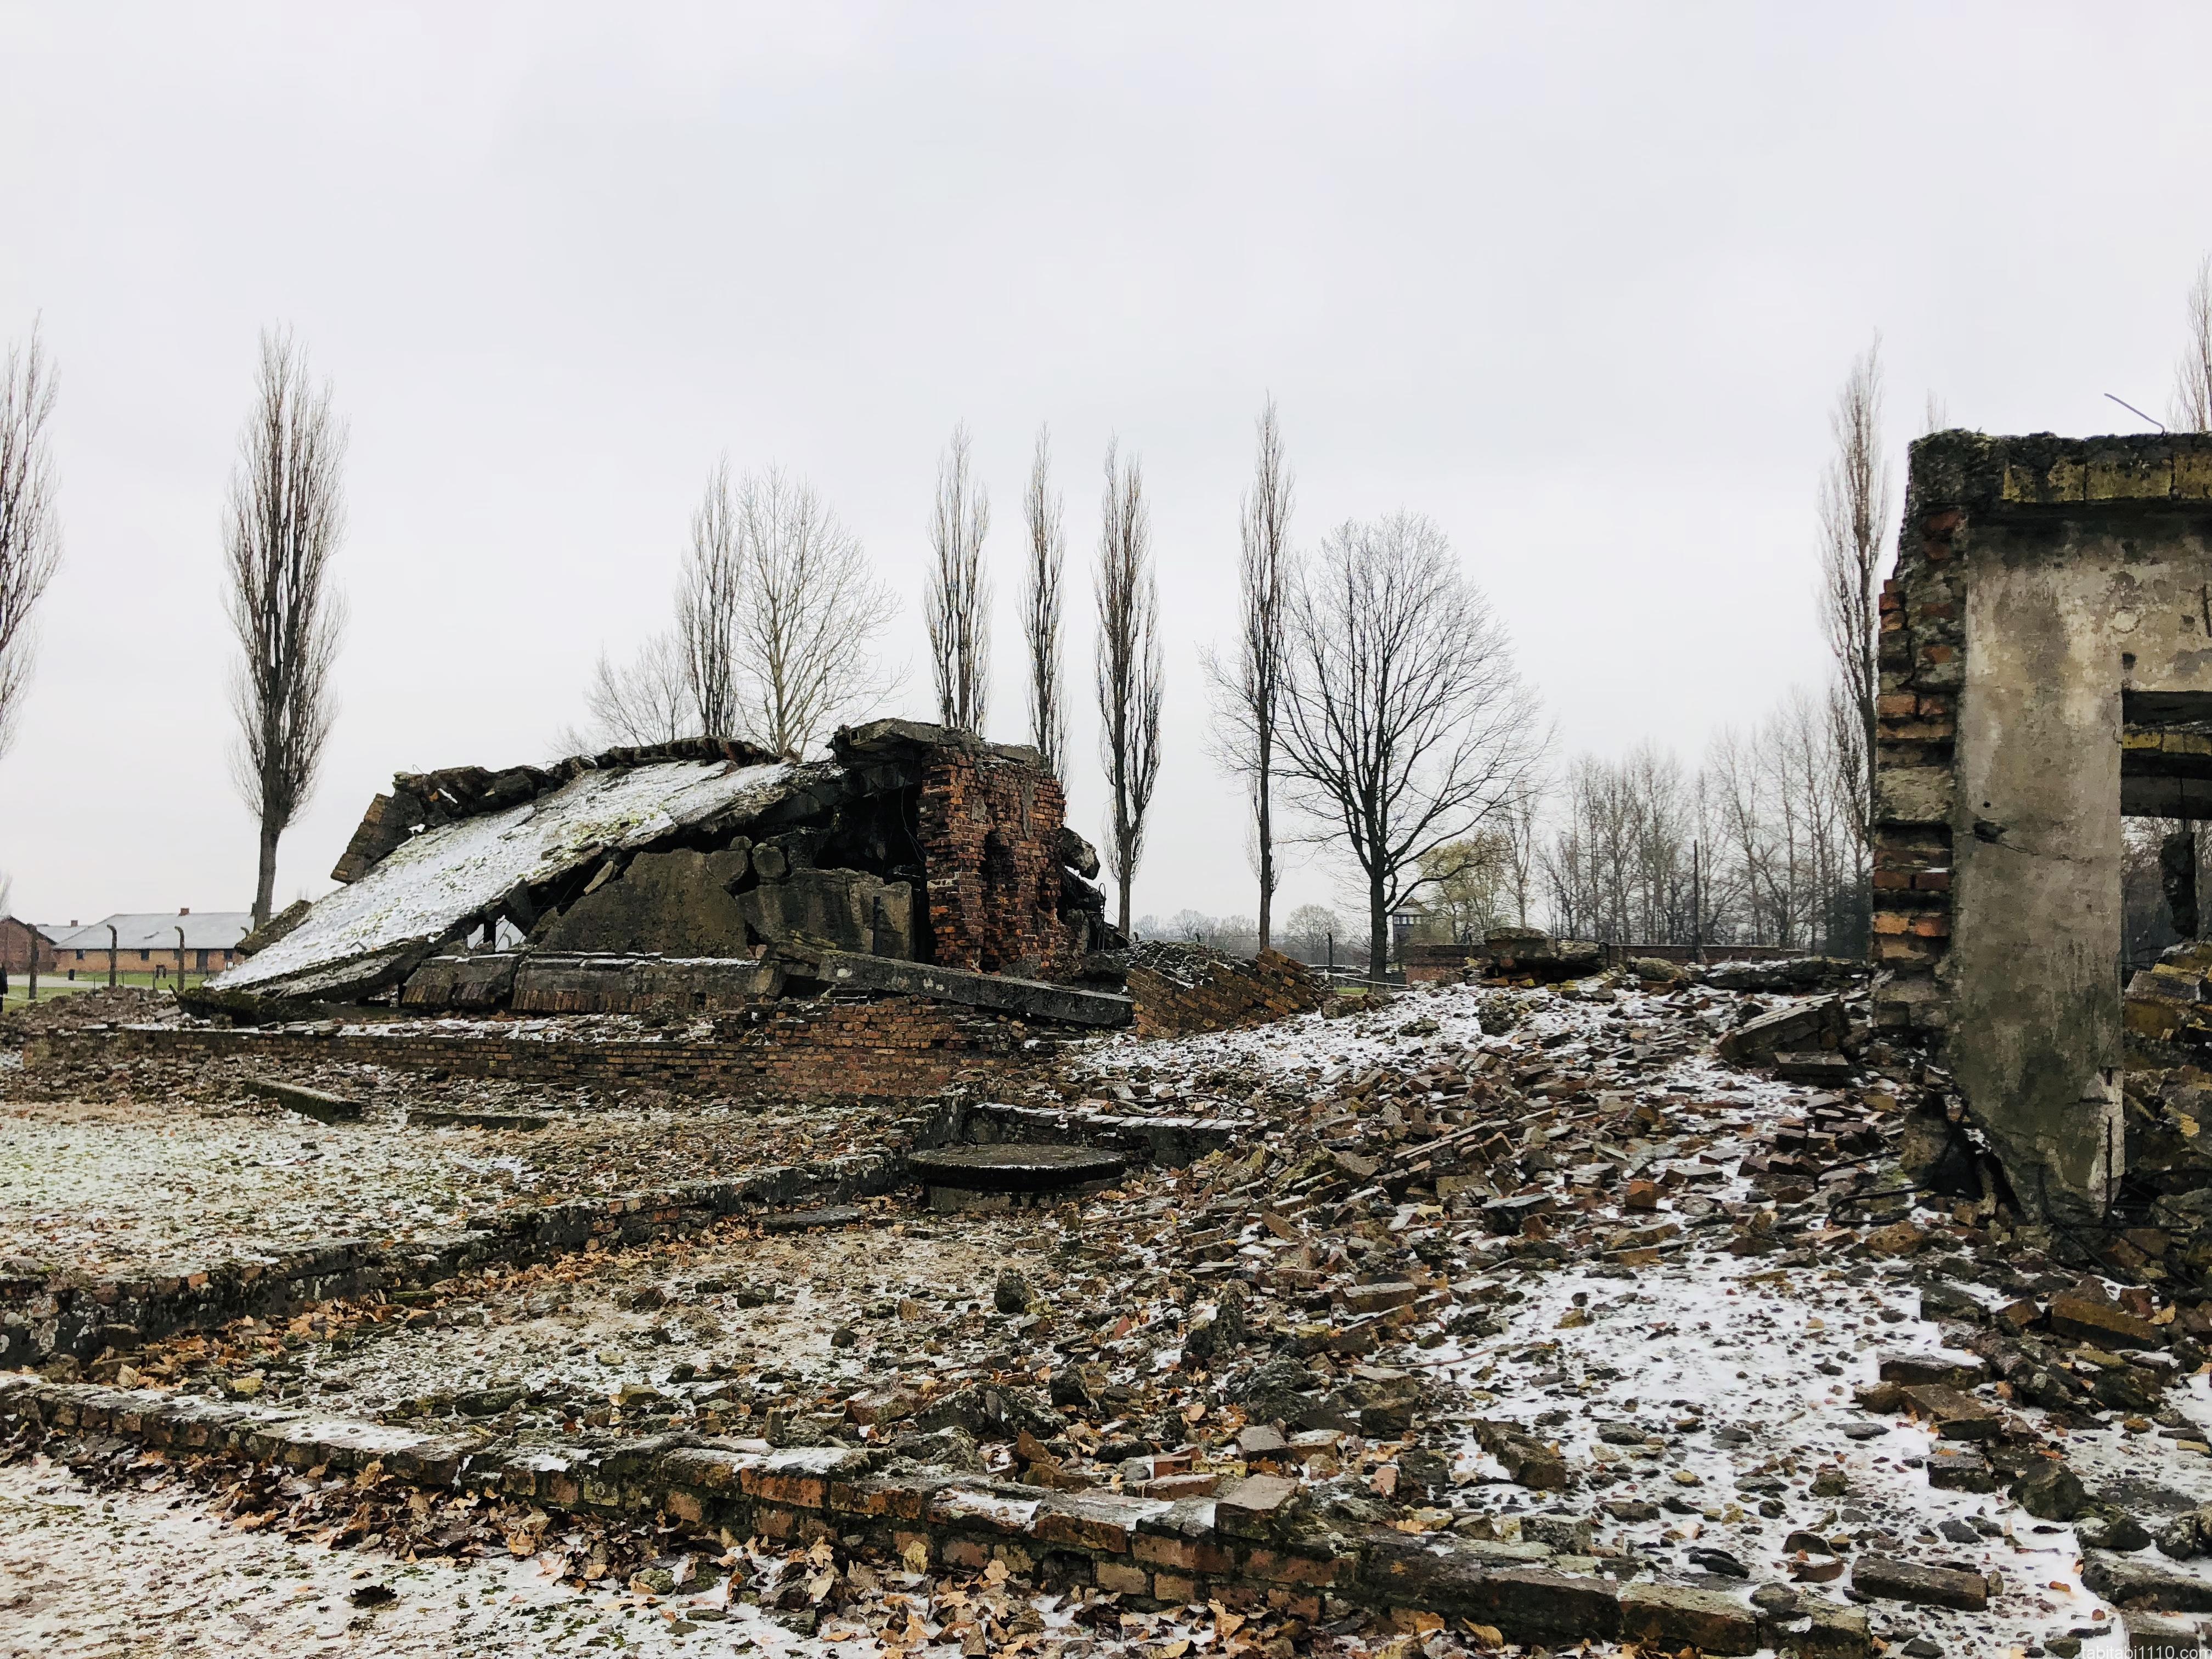 ビルケナウ強制収容所|破壊された建物